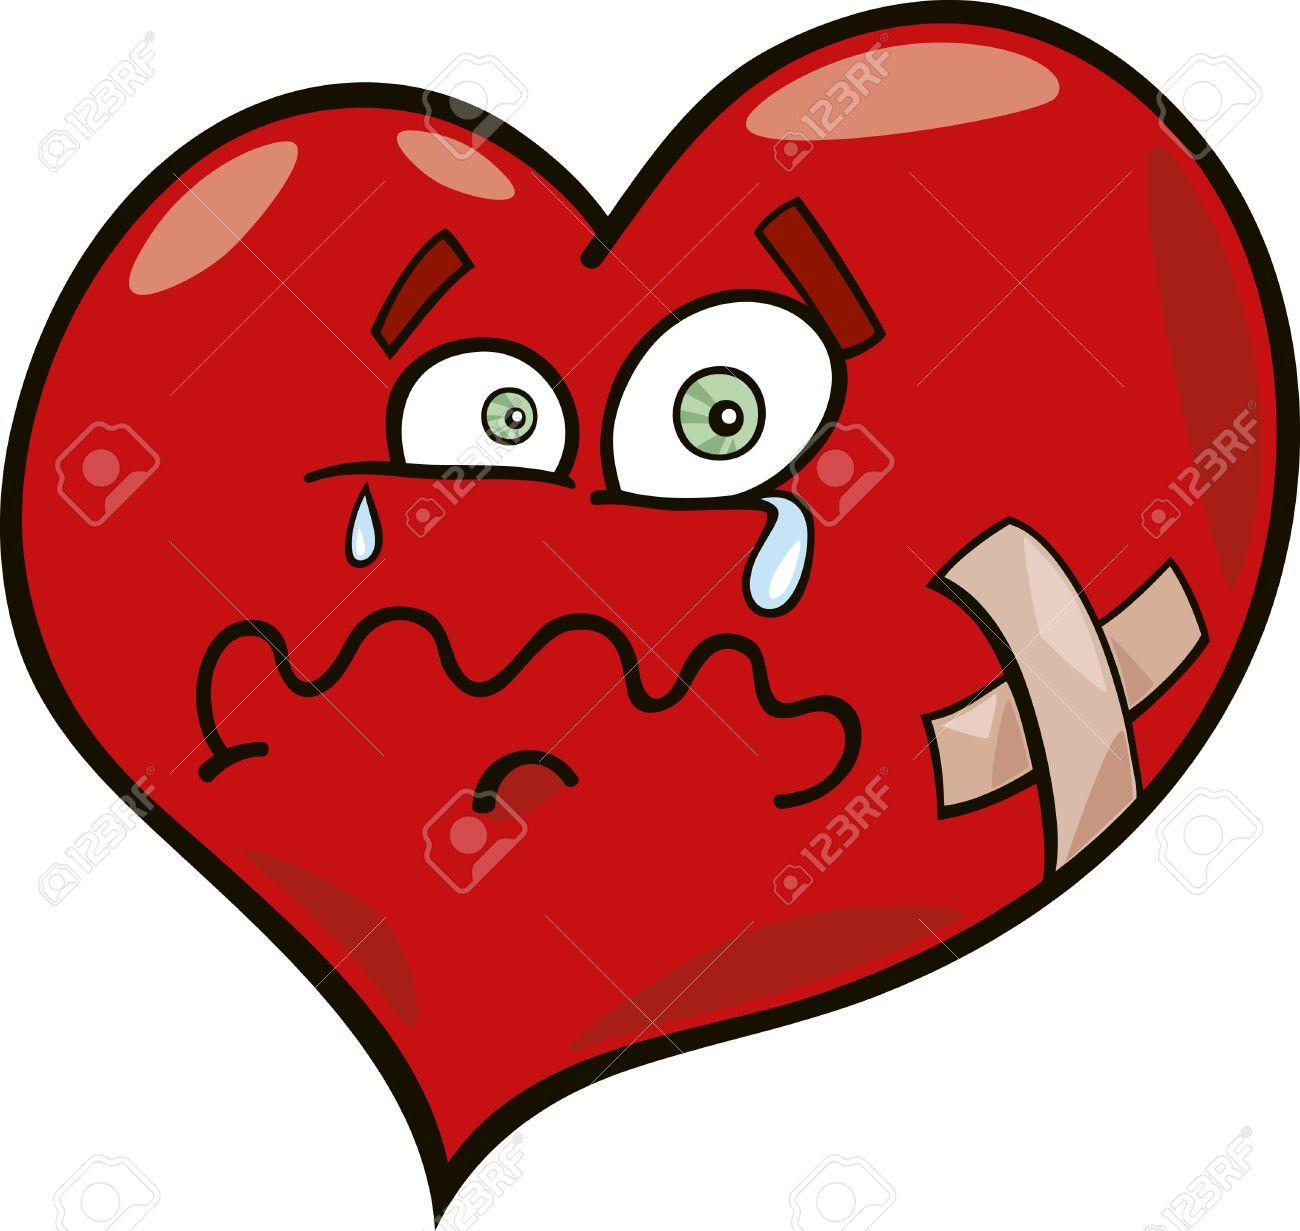 cartoon illustration of broken heart royalty free cliparts vectors rh 123rf com cartoon broken heart with bandaid cartoon broken heart pictures